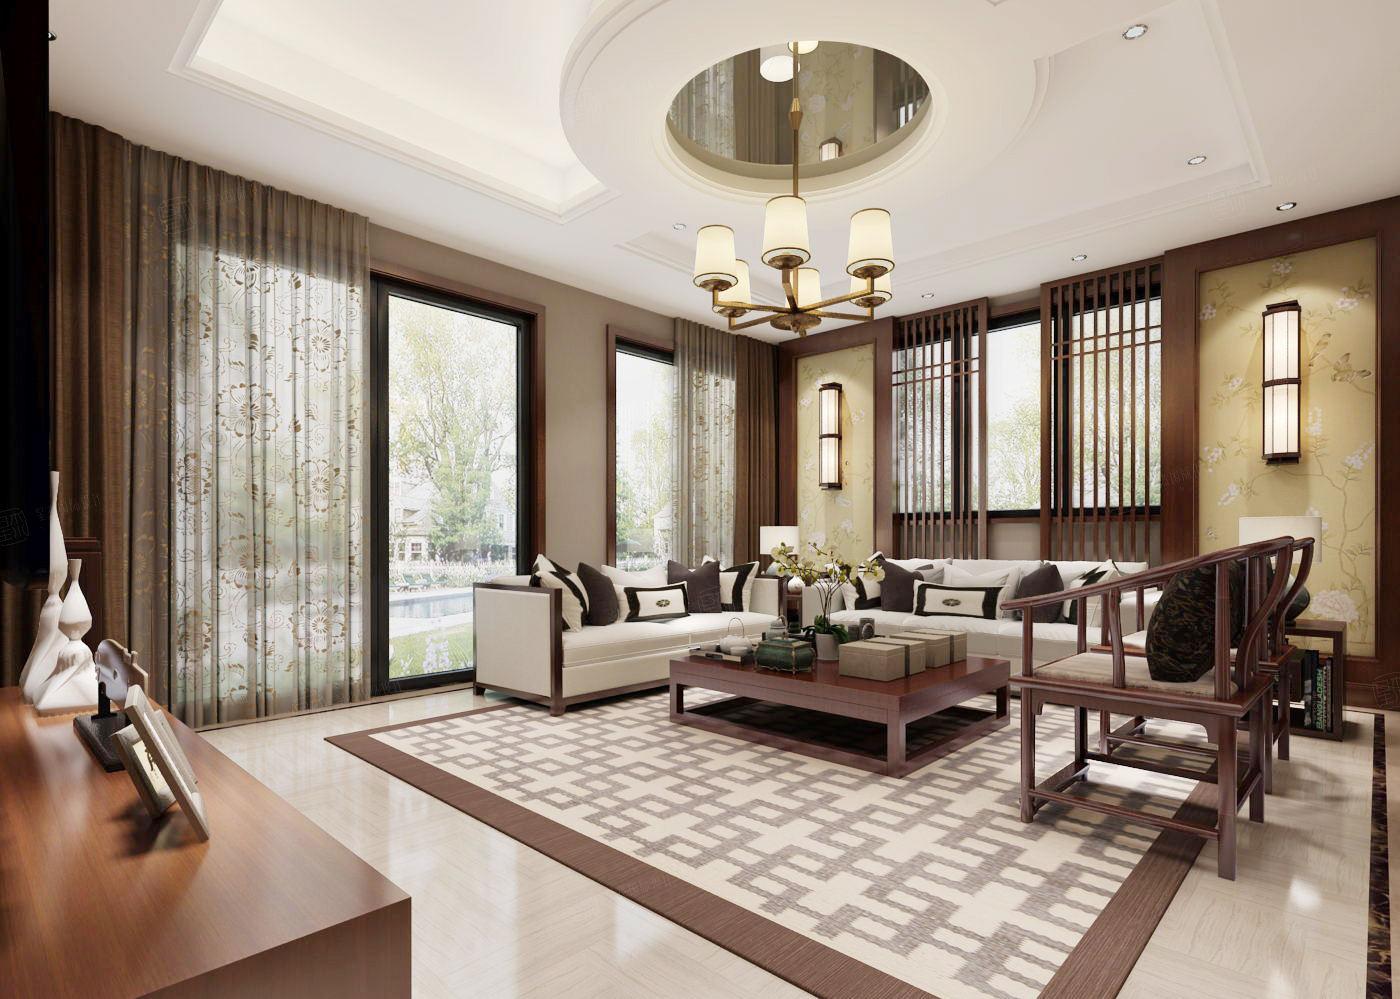 汤臣湖庭 新中式装修客厅效果图